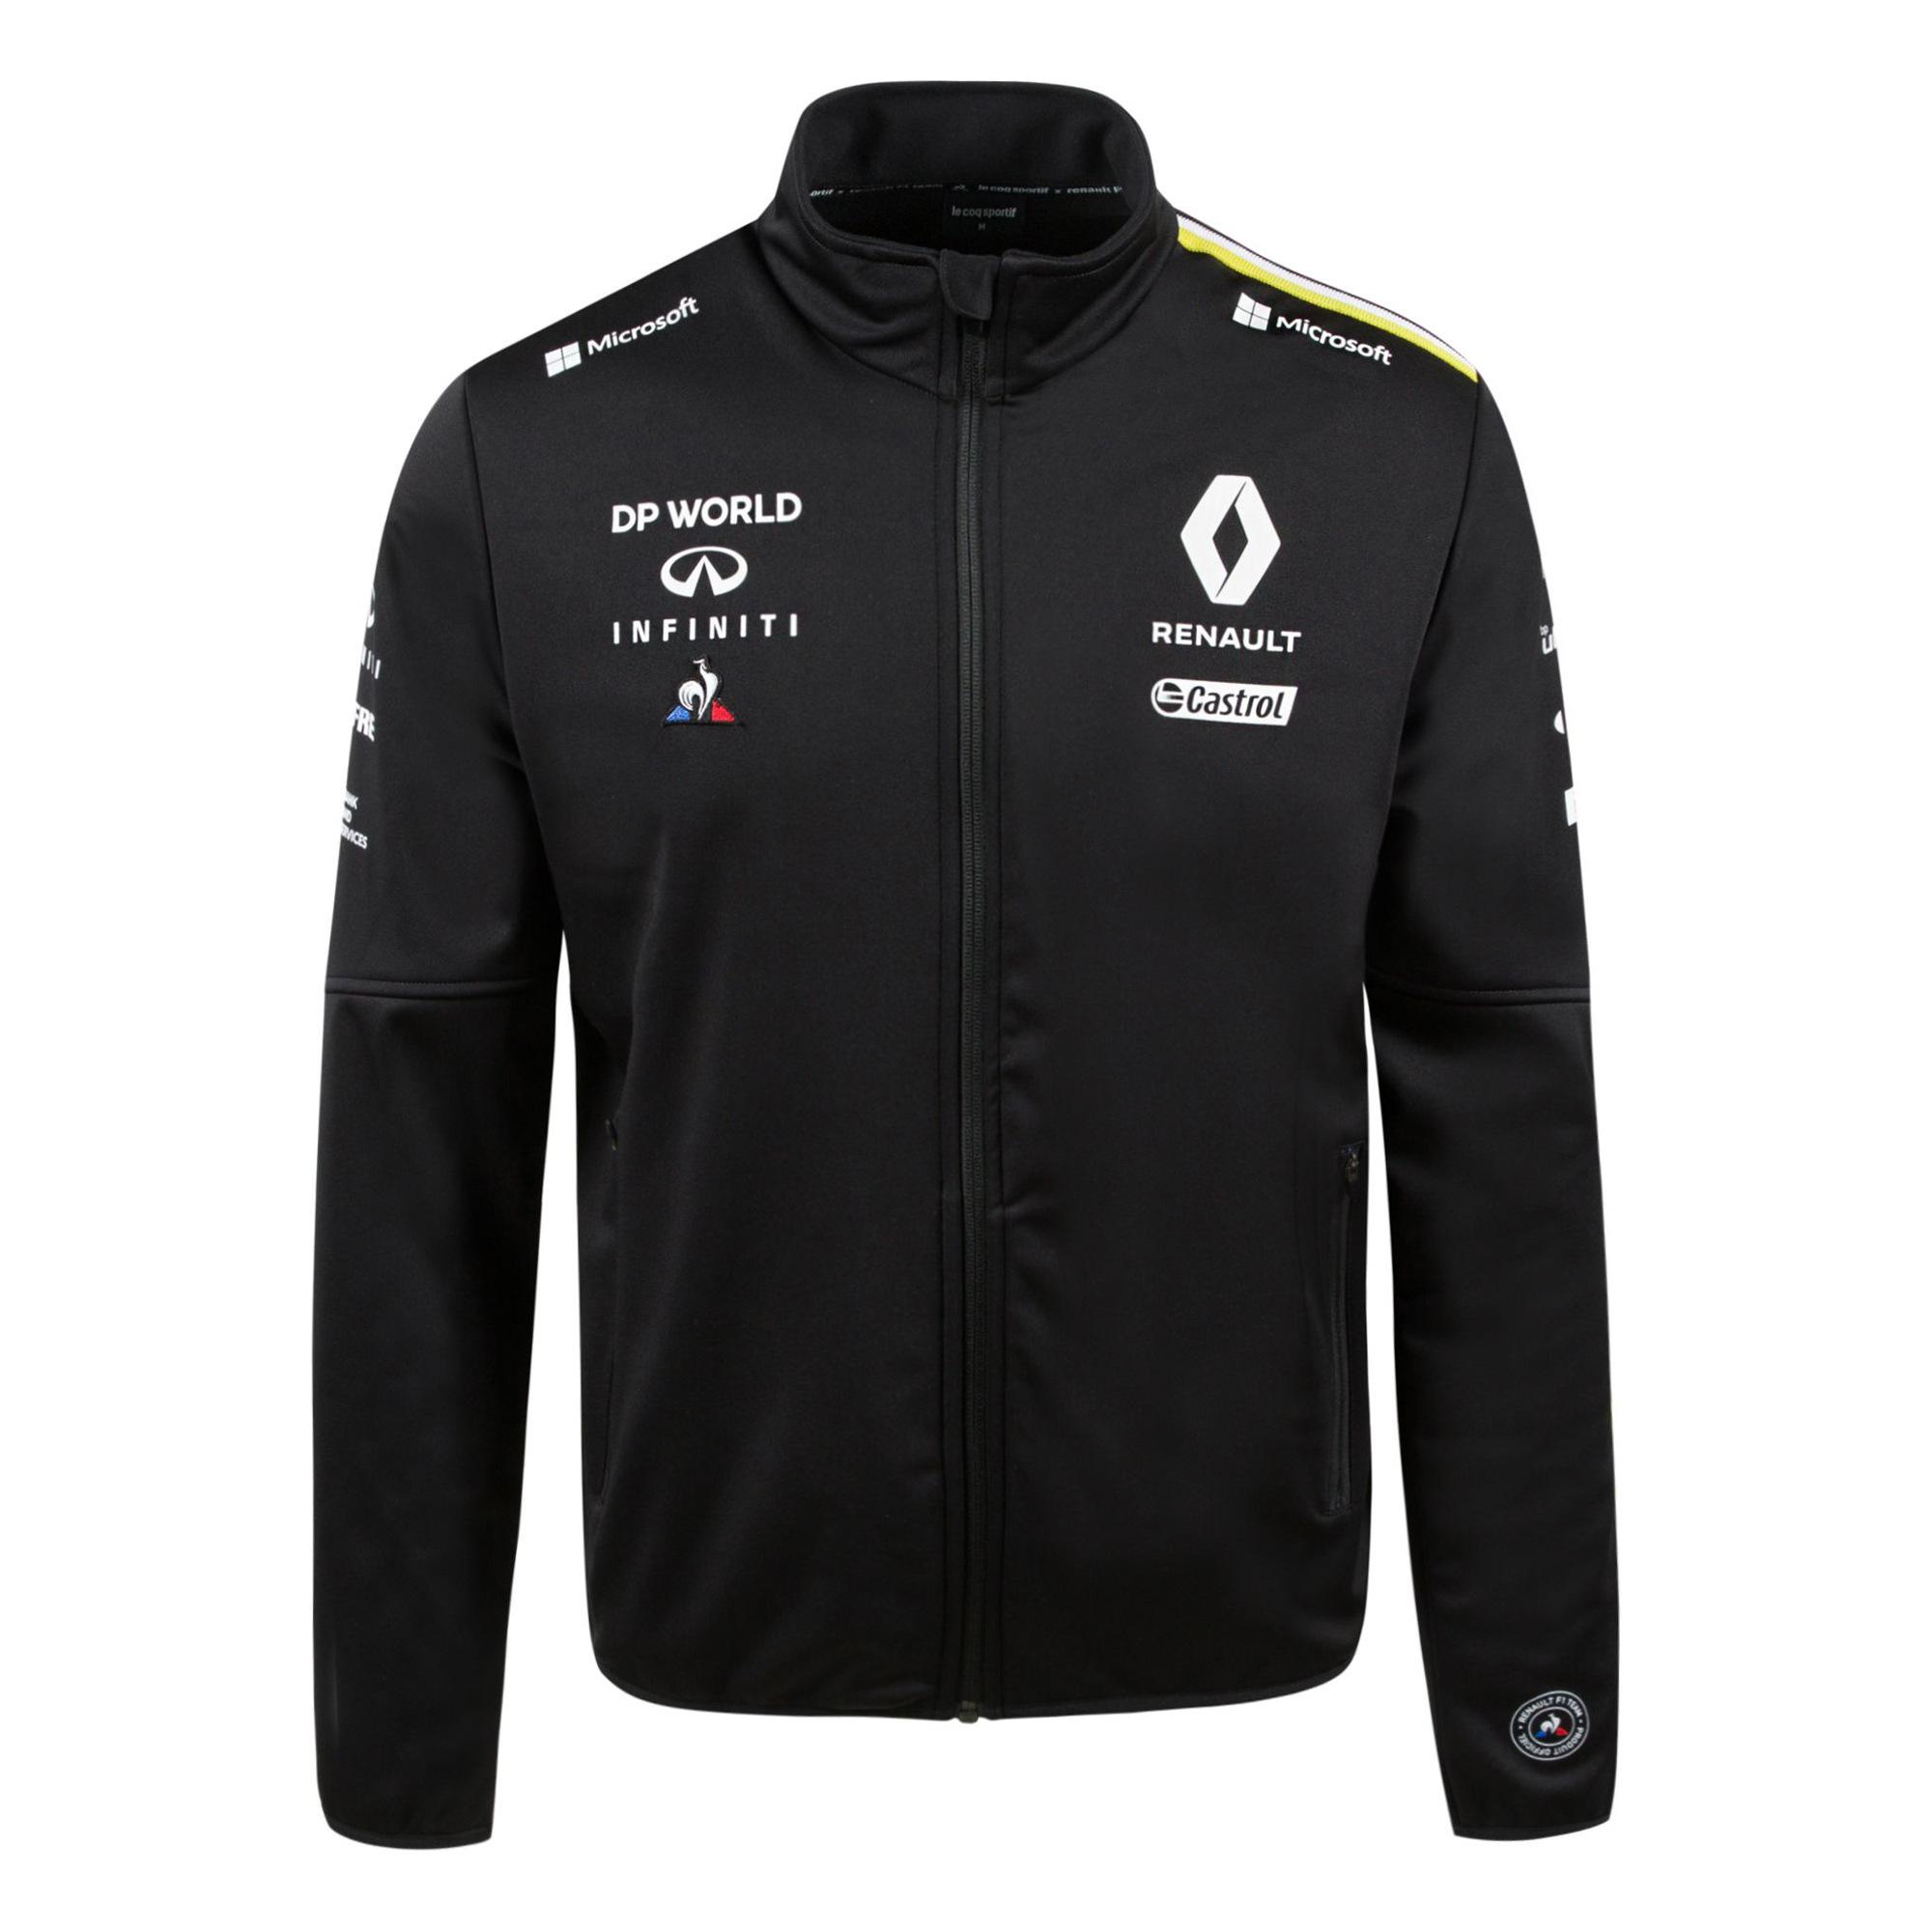 Sélection de produits Le Coq Sportif Renault en promotion - Ex: Veste Softshell - coupe regular, noir